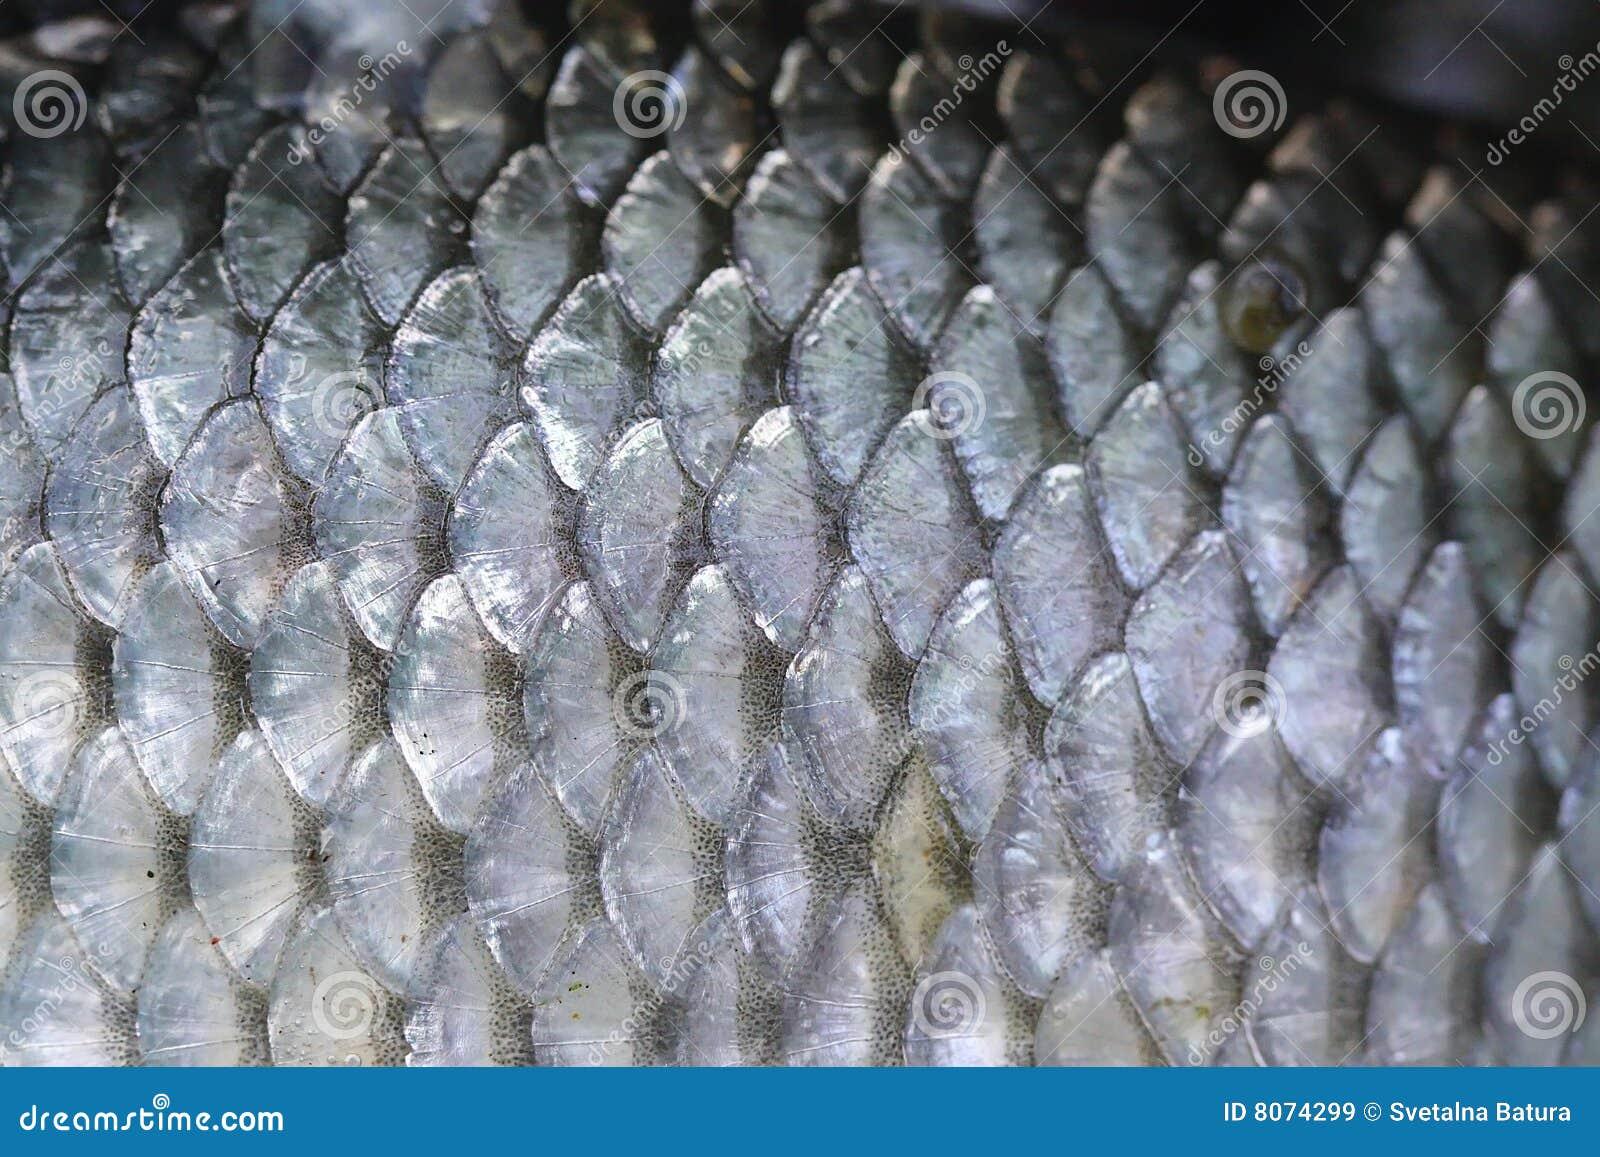 Escalas de peixes